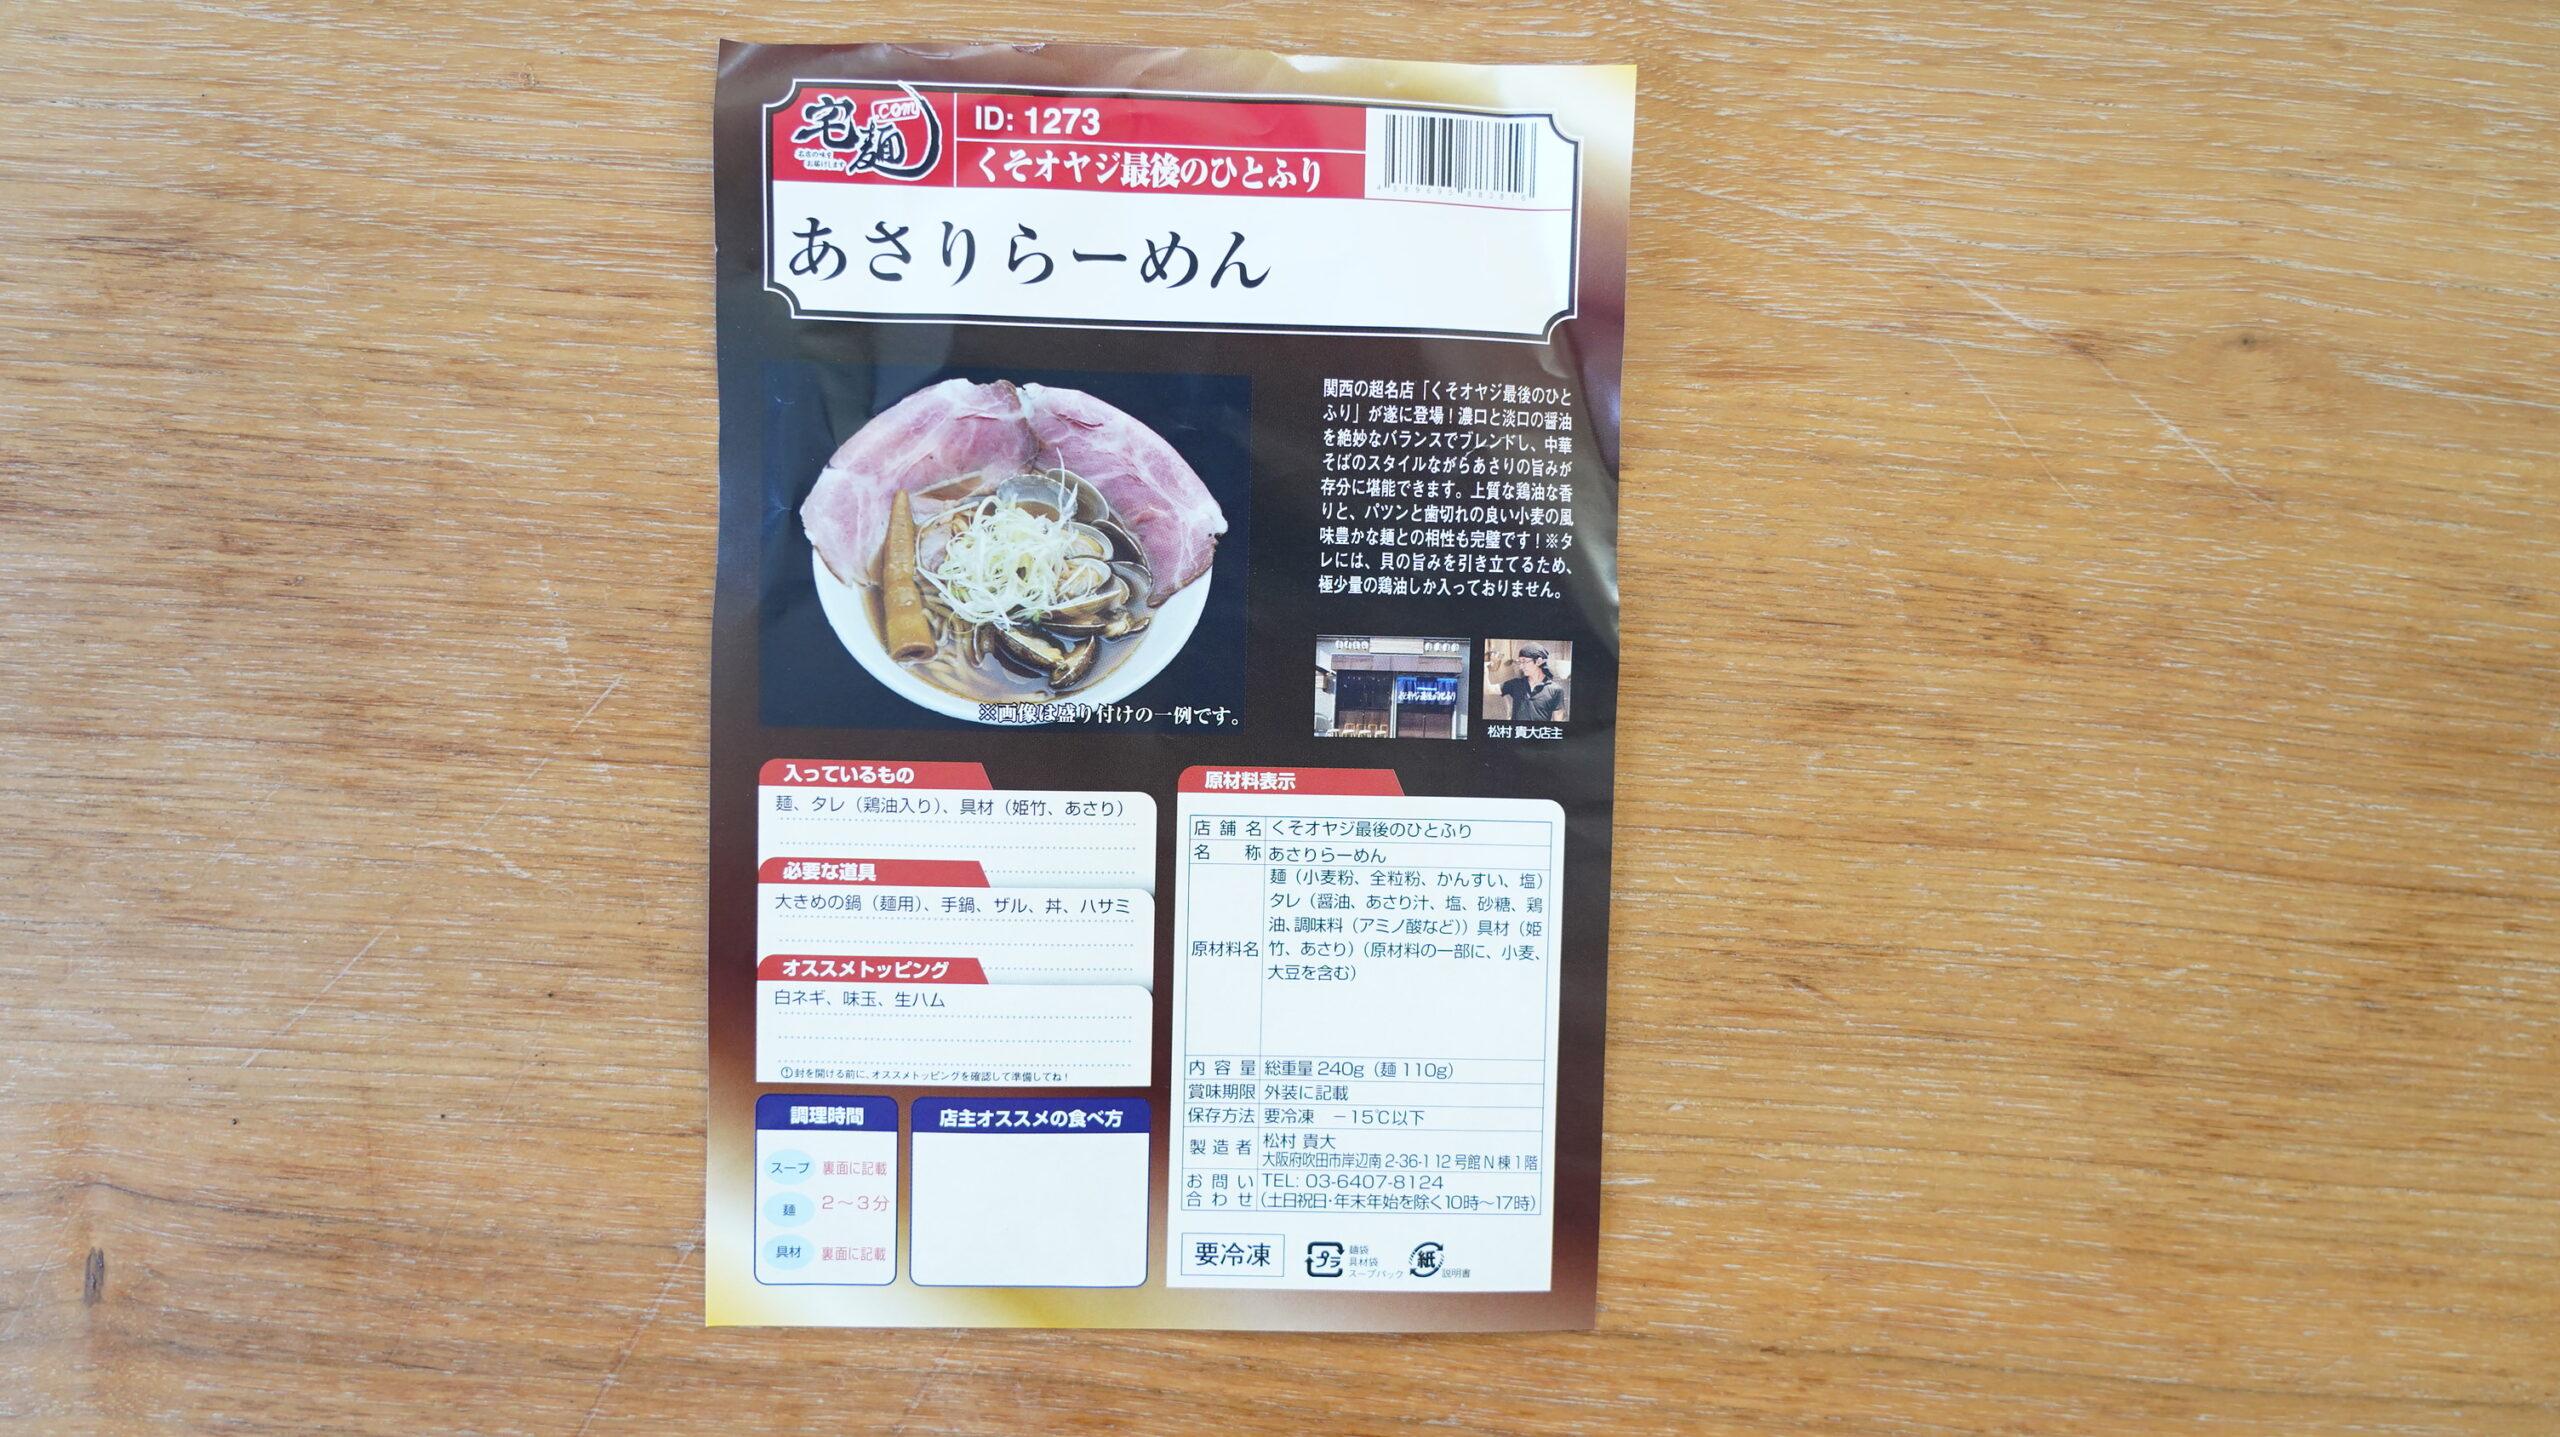 くそオヤジ最後のひとふりの「あさりラーメン」のオンライン通販・お取り寄せ用の冷凍食品のパンフレットの写真